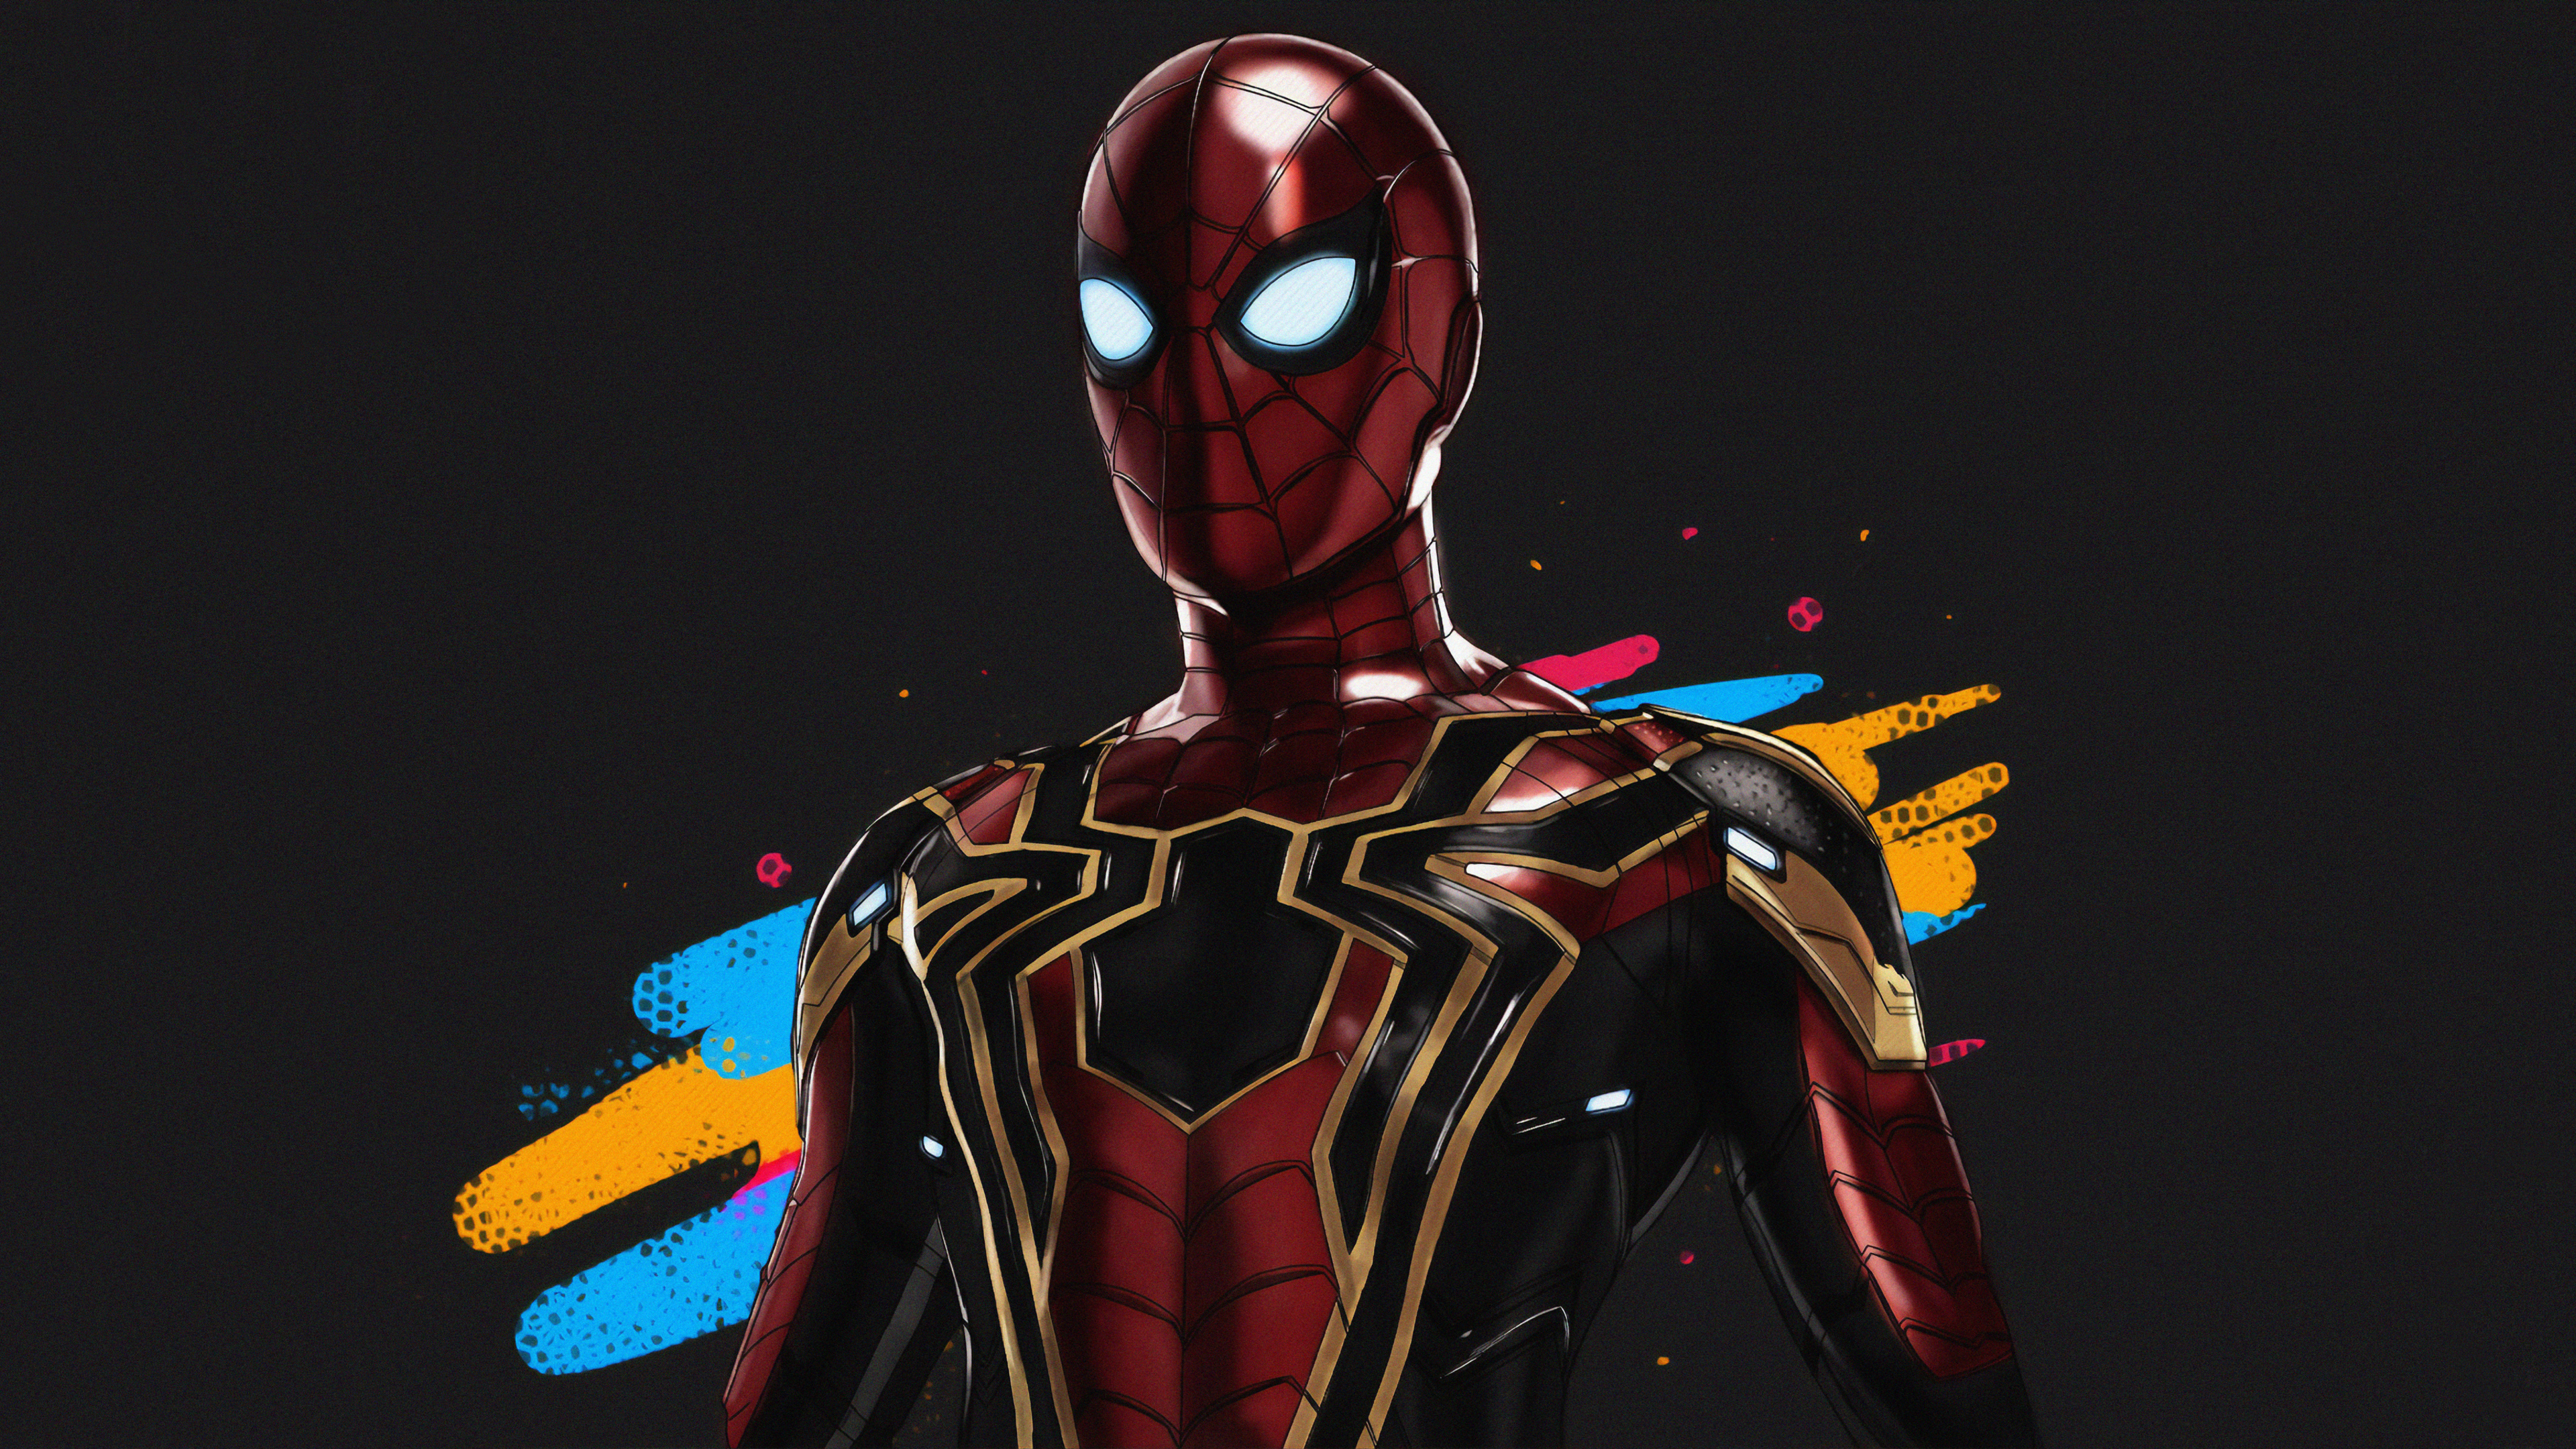 spiderman iron art 1563220145 - Spiderman Iron Art - superheroes wallpapers, spiderman wallpapers, hd-wallpapers, digital art wallpapers, artwork wallpapers, art wallpapers, 4k-wallpapers